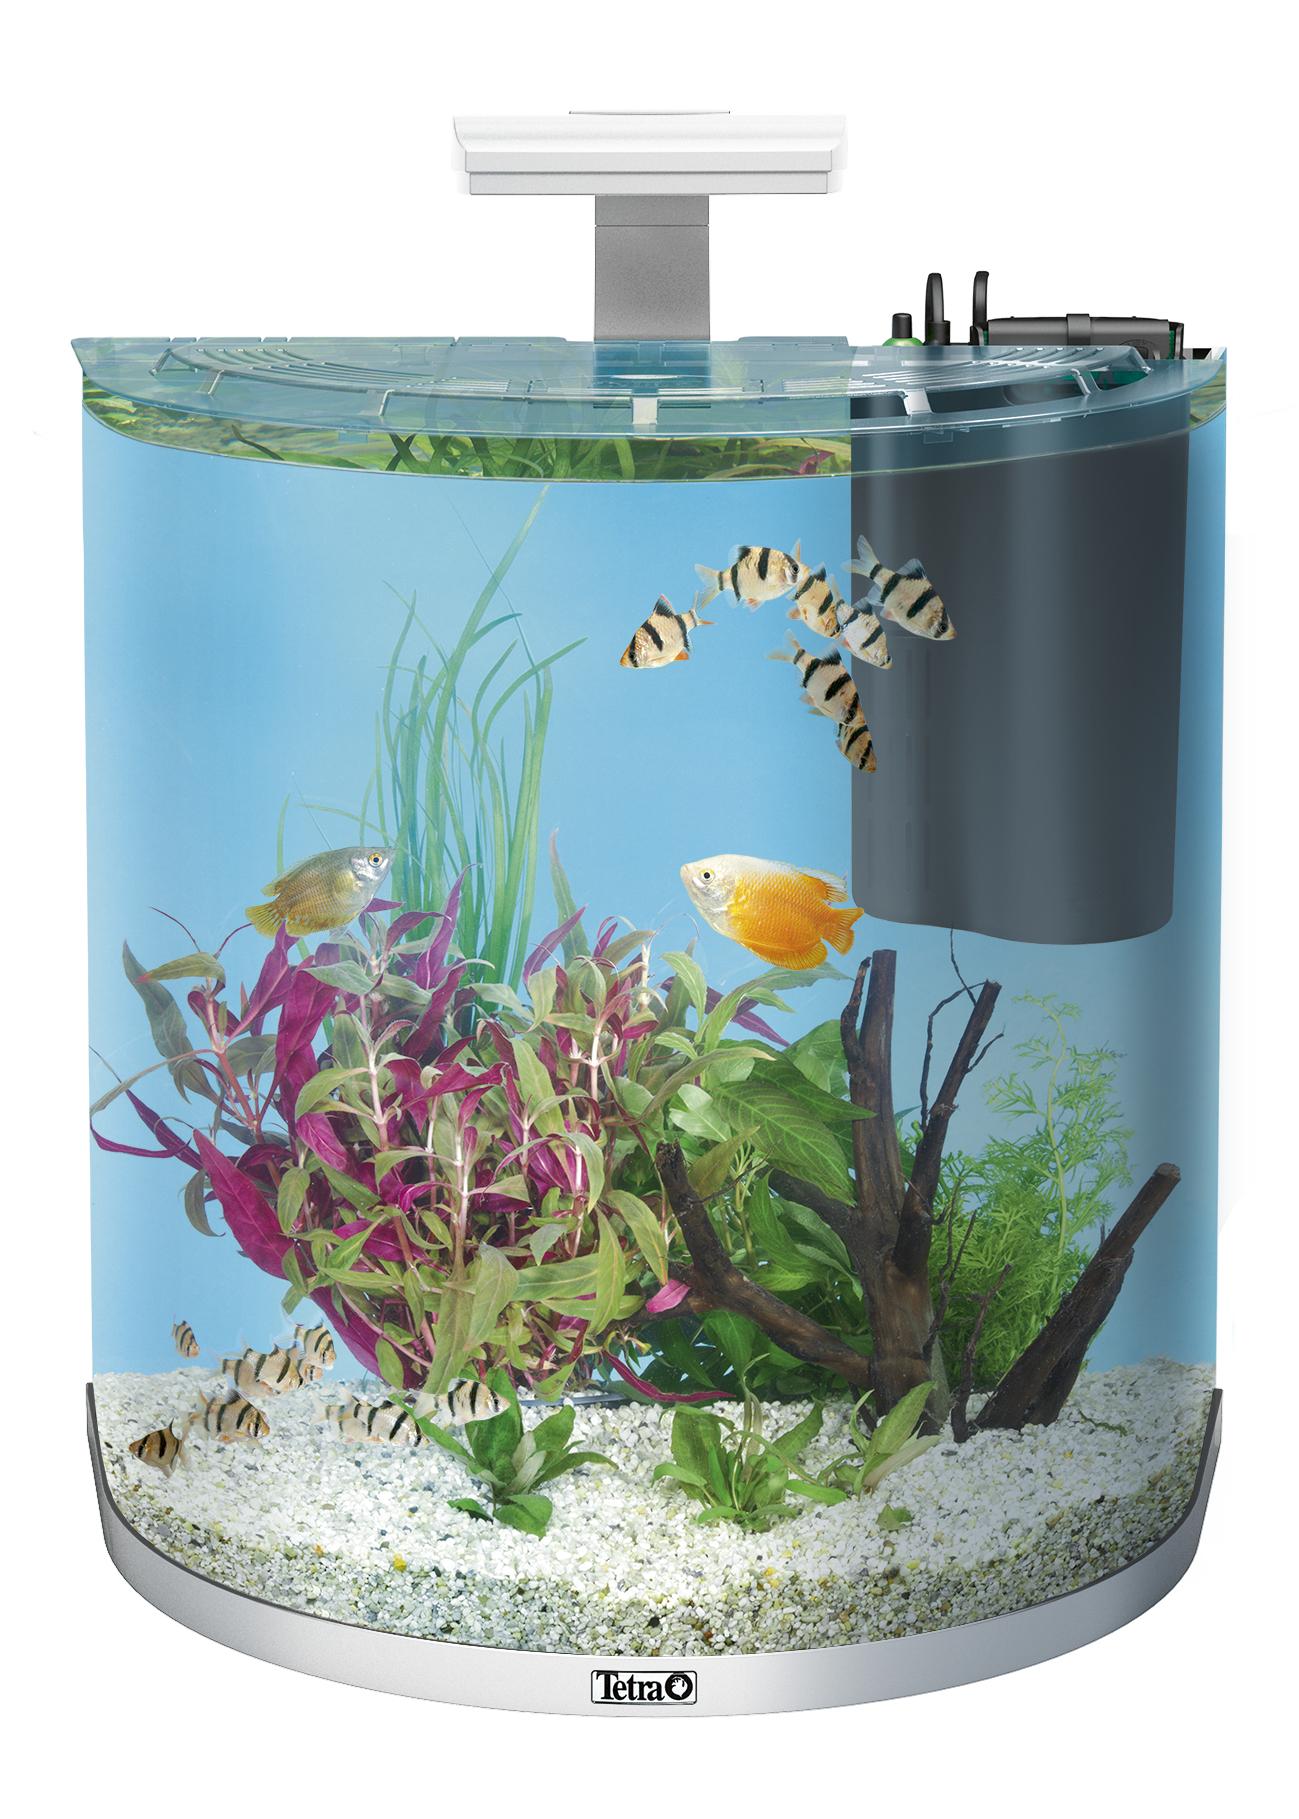 Haustierbedarf Tetra Aquaart Led Aquarium 60l